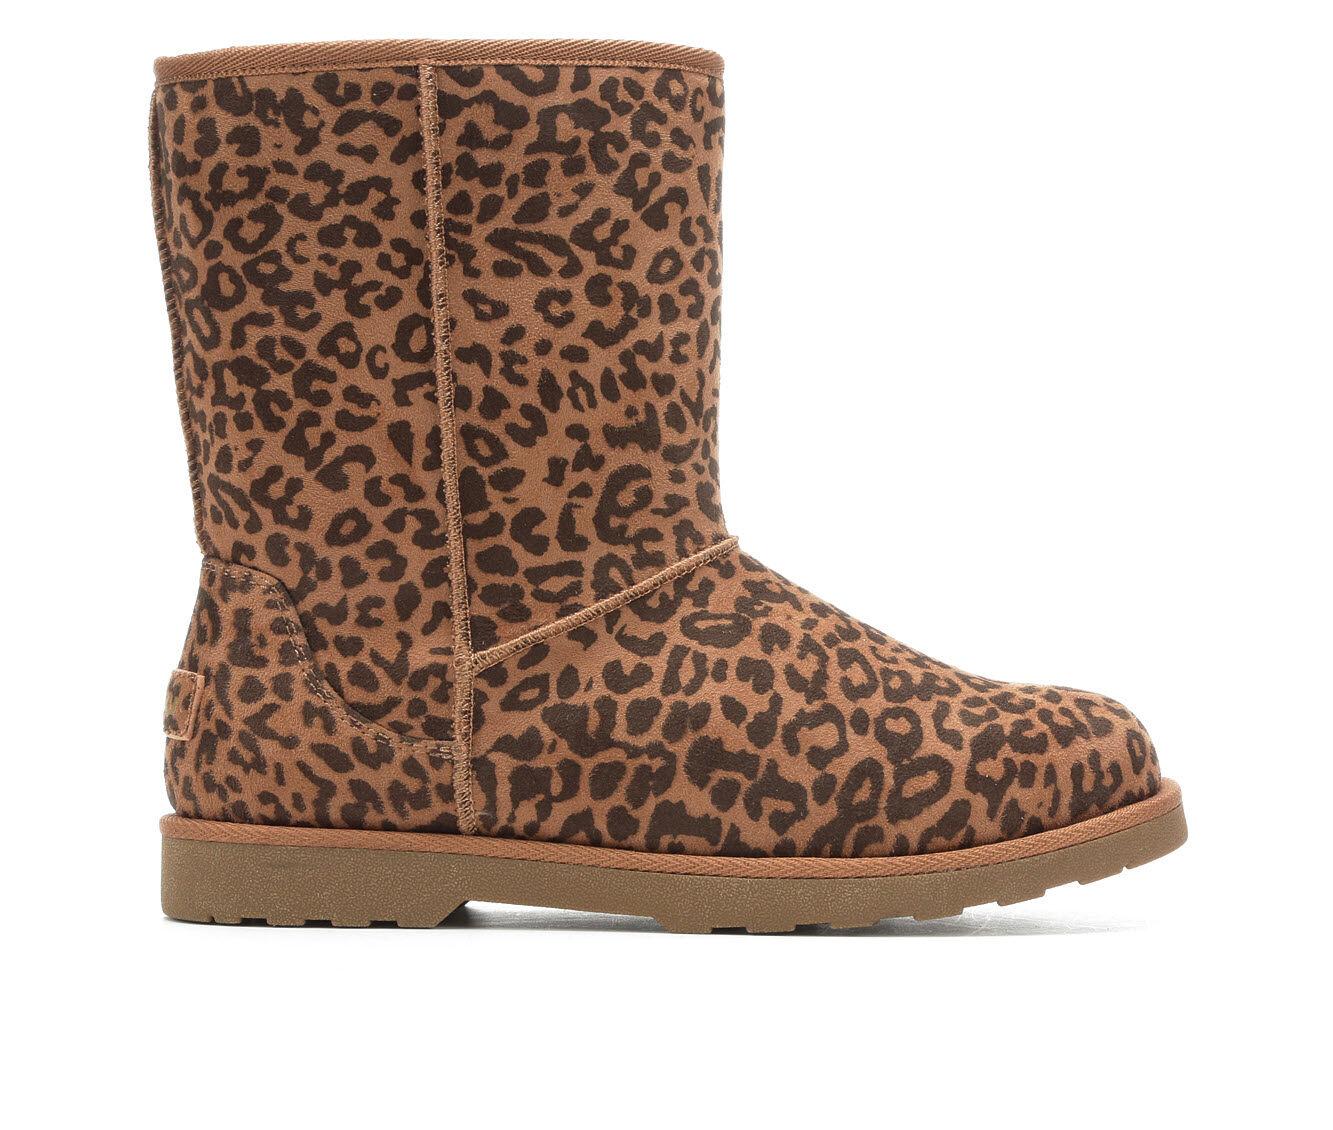 2020 Black Friday Shoe Deals \u0026 Boots